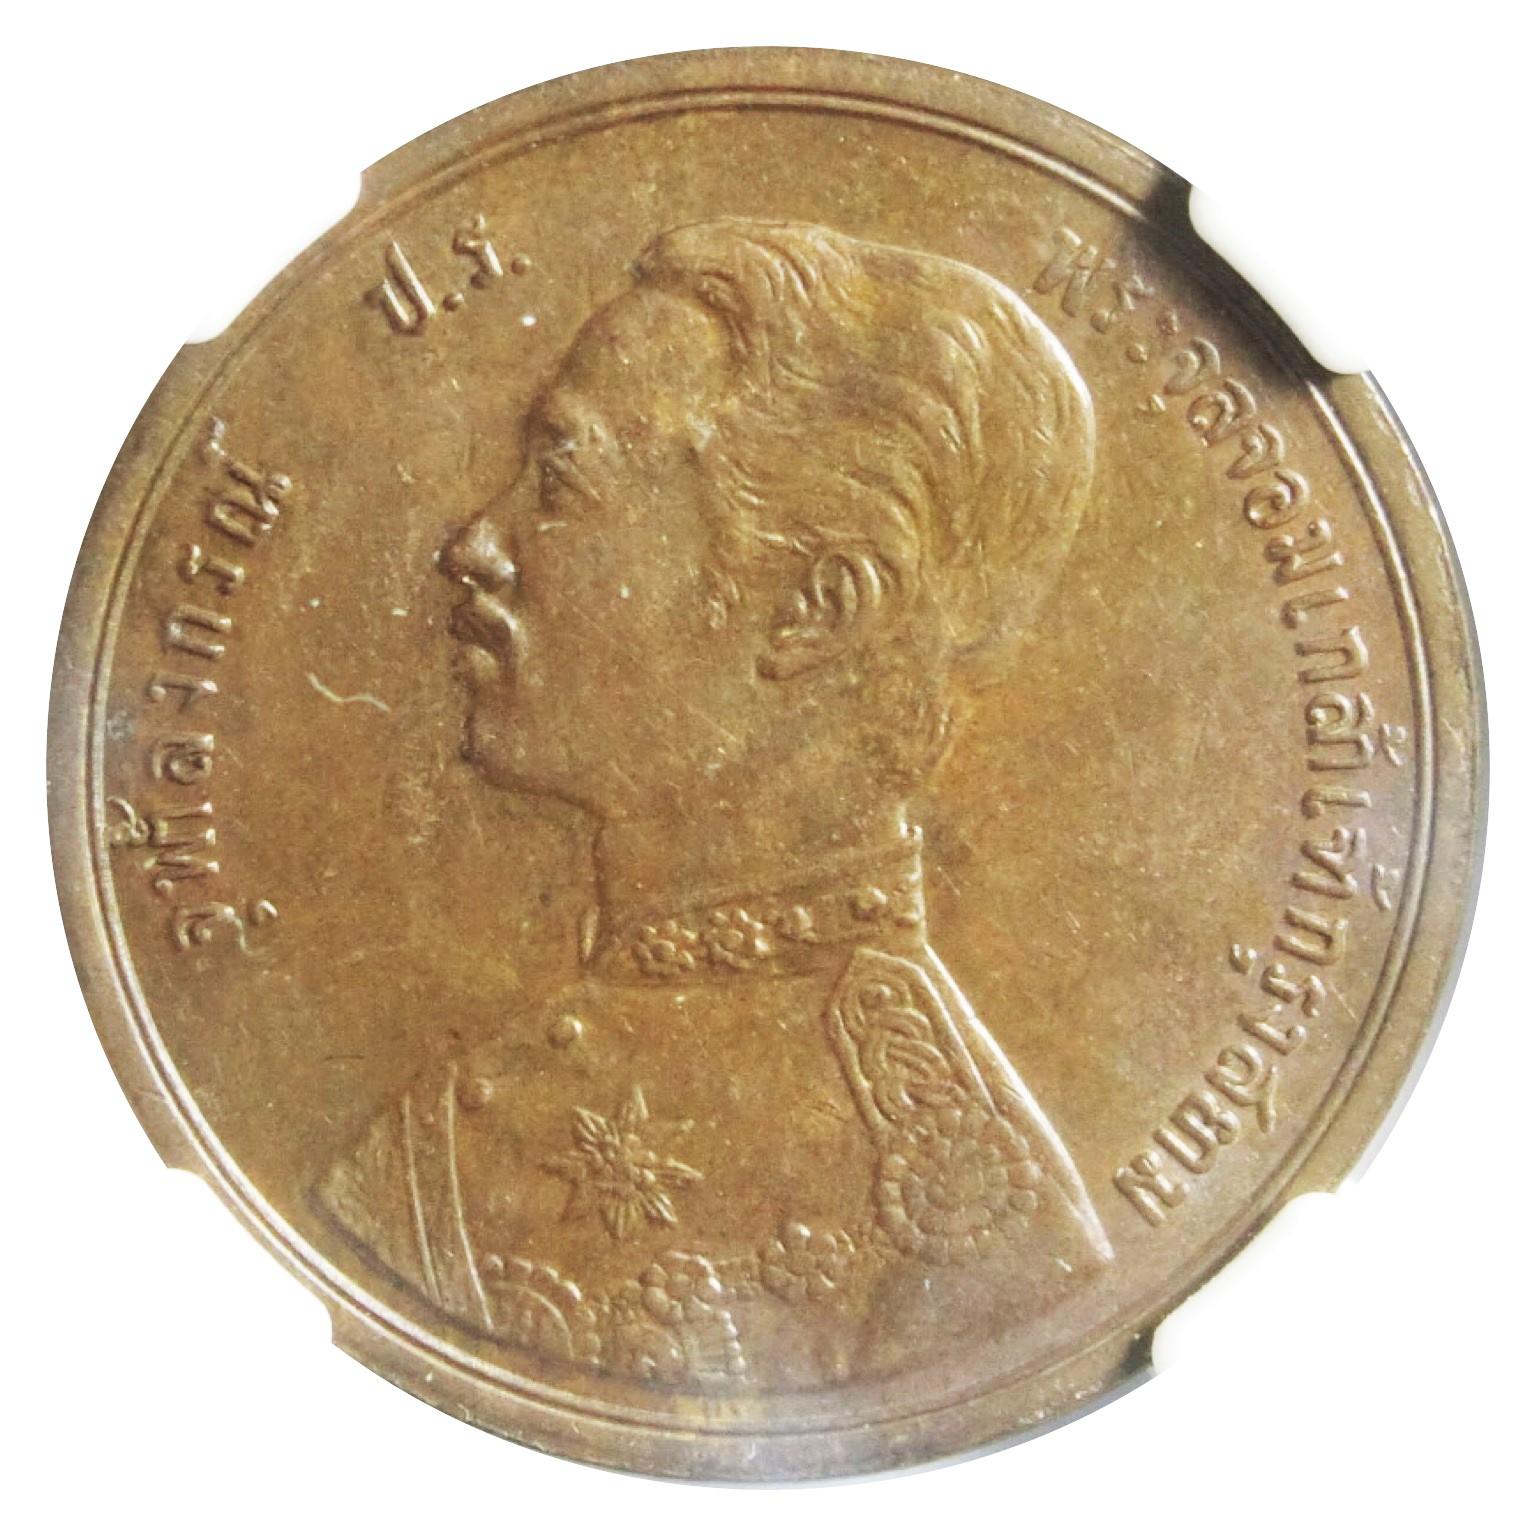 เหรียญทองแดงพระสยาม รัชกาลที่5 ชนิดราคา เสี้ยว ร.ศ.115 MS 62